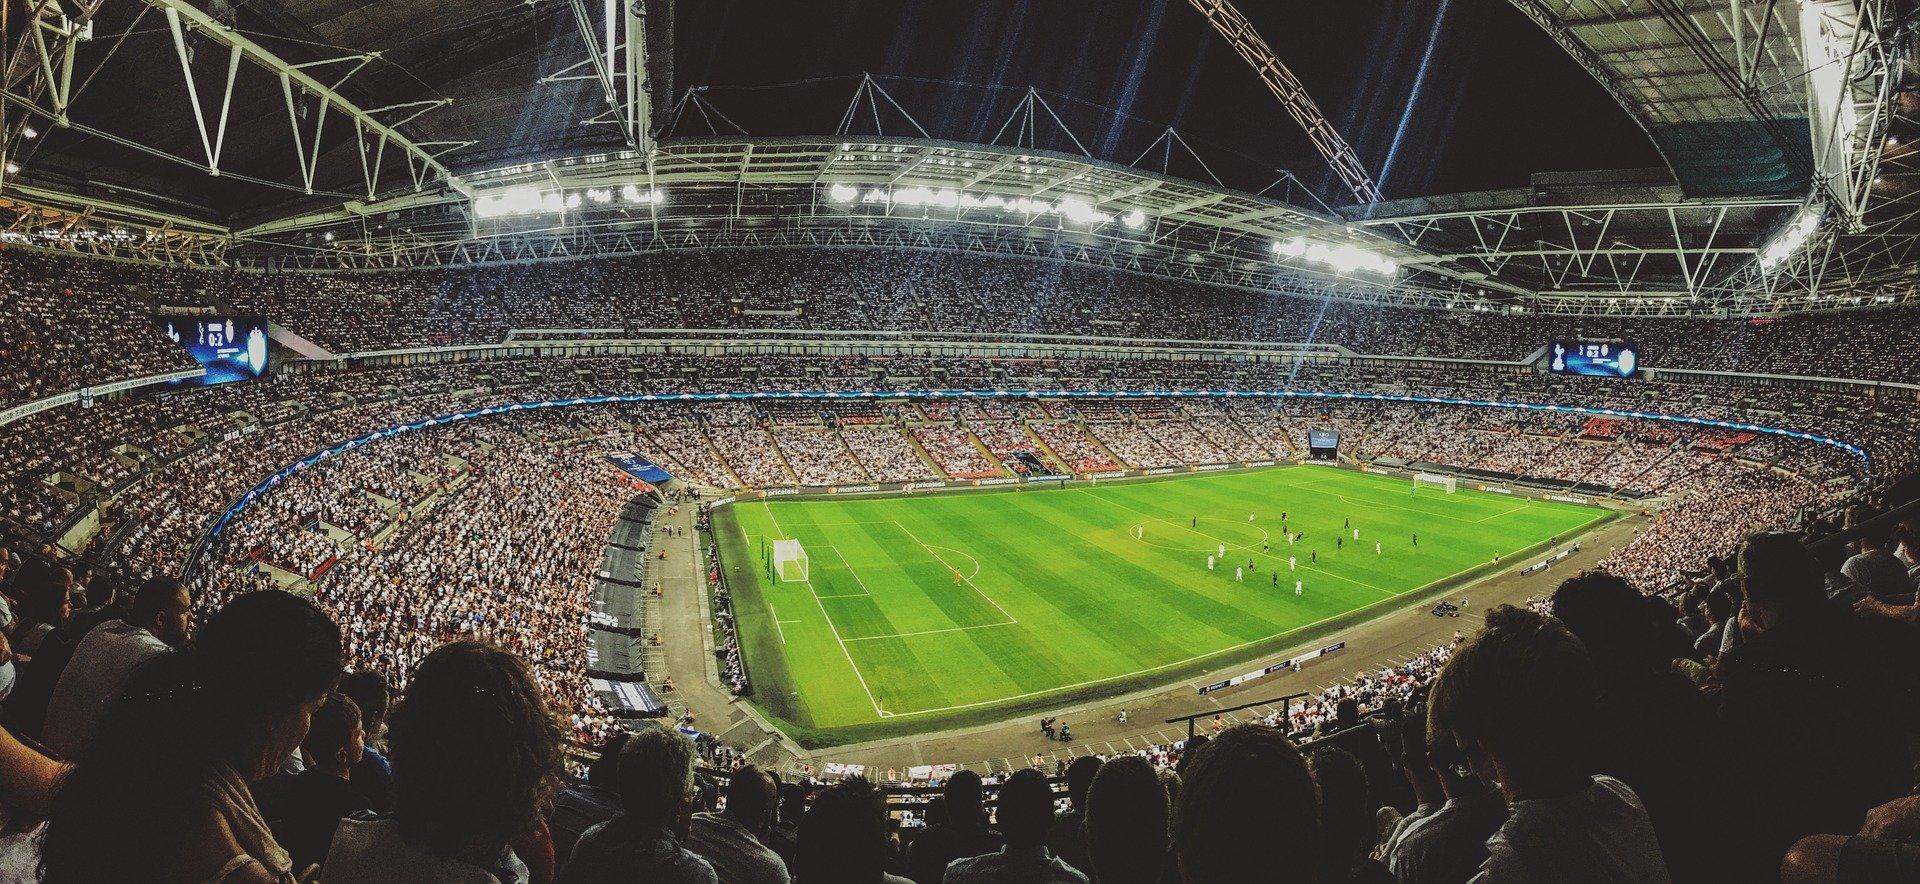 السعودية Saudi تشتري نادي نيوكاسل الإنجليزي رسميًا